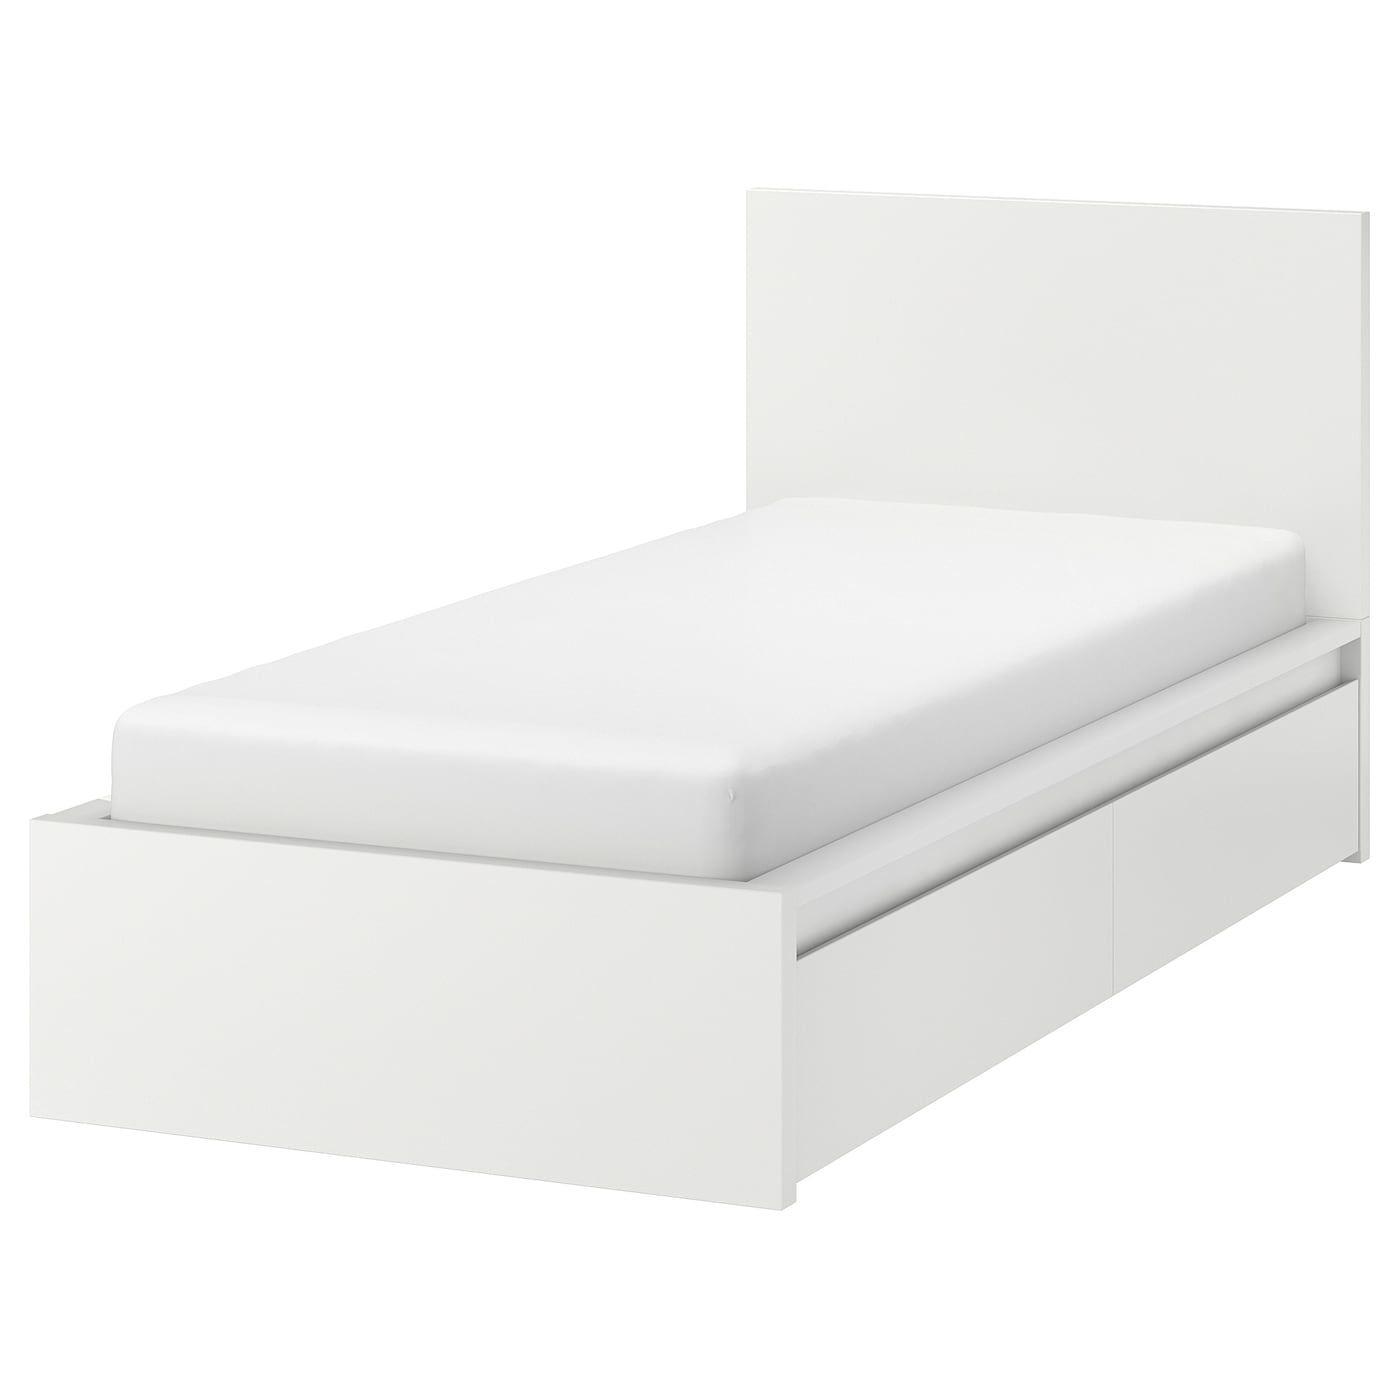 Malm Bedframe Hoog Met 2 Bedlades Wit Lonset 90x200 Cm Hoge